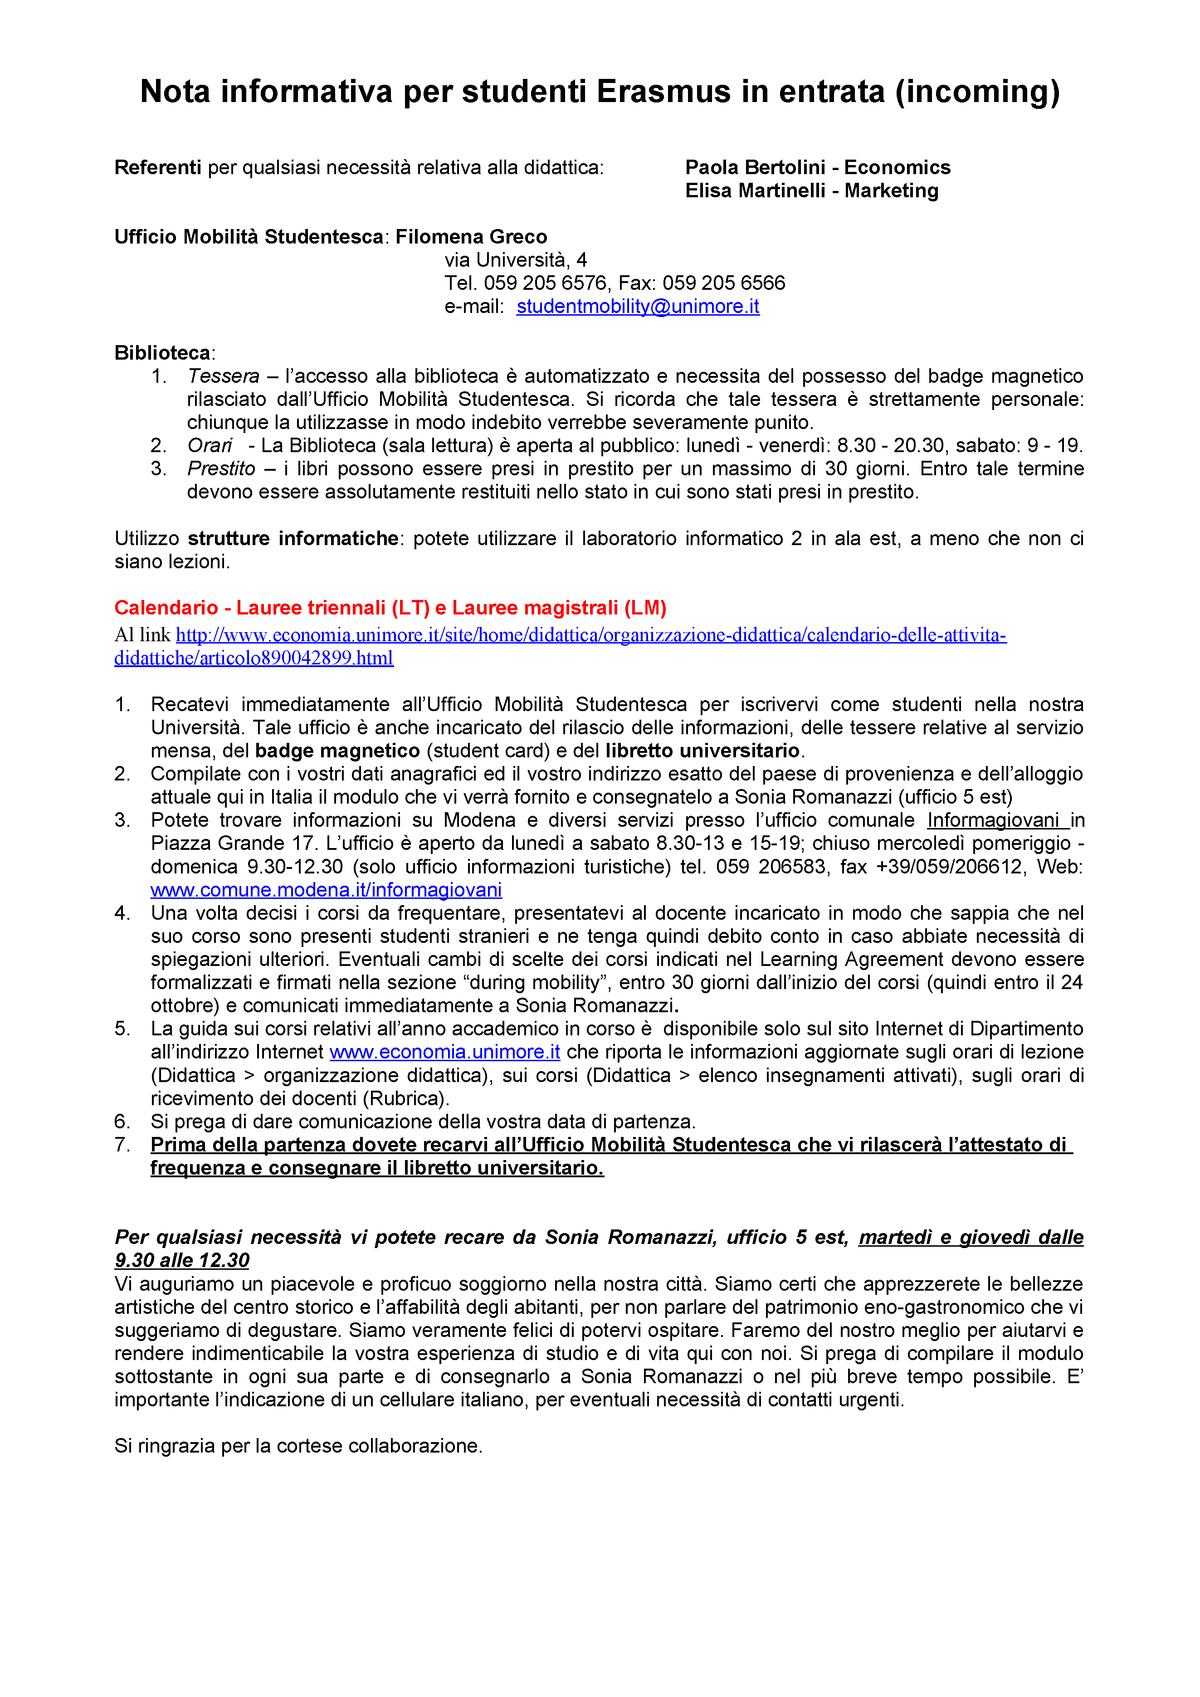 Calendario Lezioni Unimore.Info Entranti 18 Appunti 1 10 Lce 00034 Marketing E